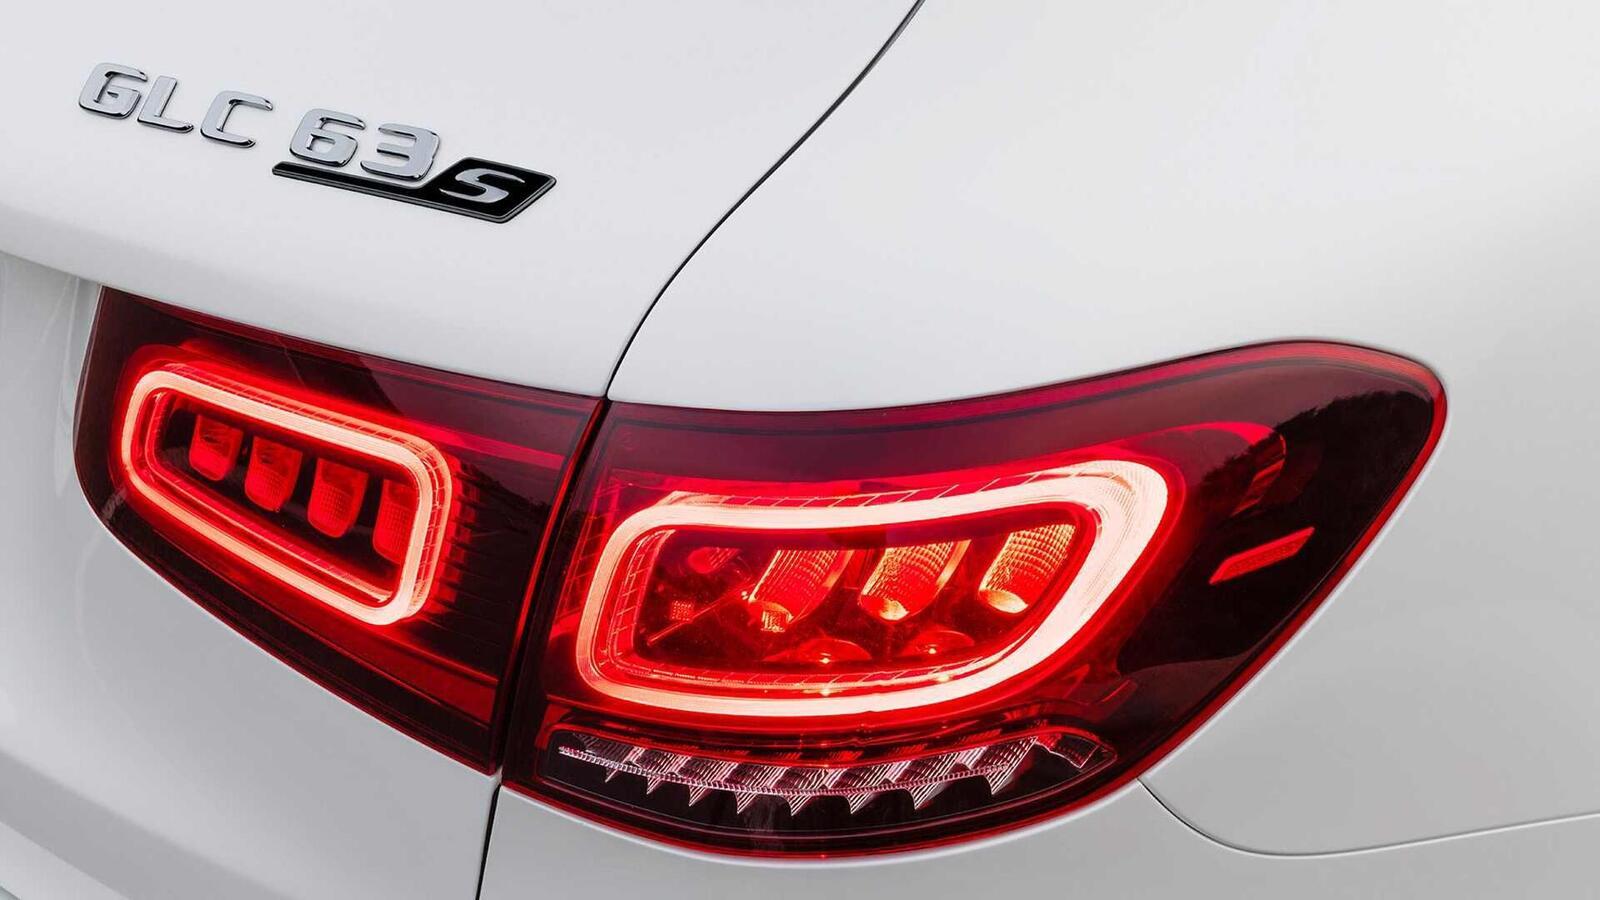 Mercedes-AMG giới thiệu GLC và GLC Coupe 63 mới lắp động cơ V8 4.0L Biturbo mạnh hơn 460 mã lực - Hình 11